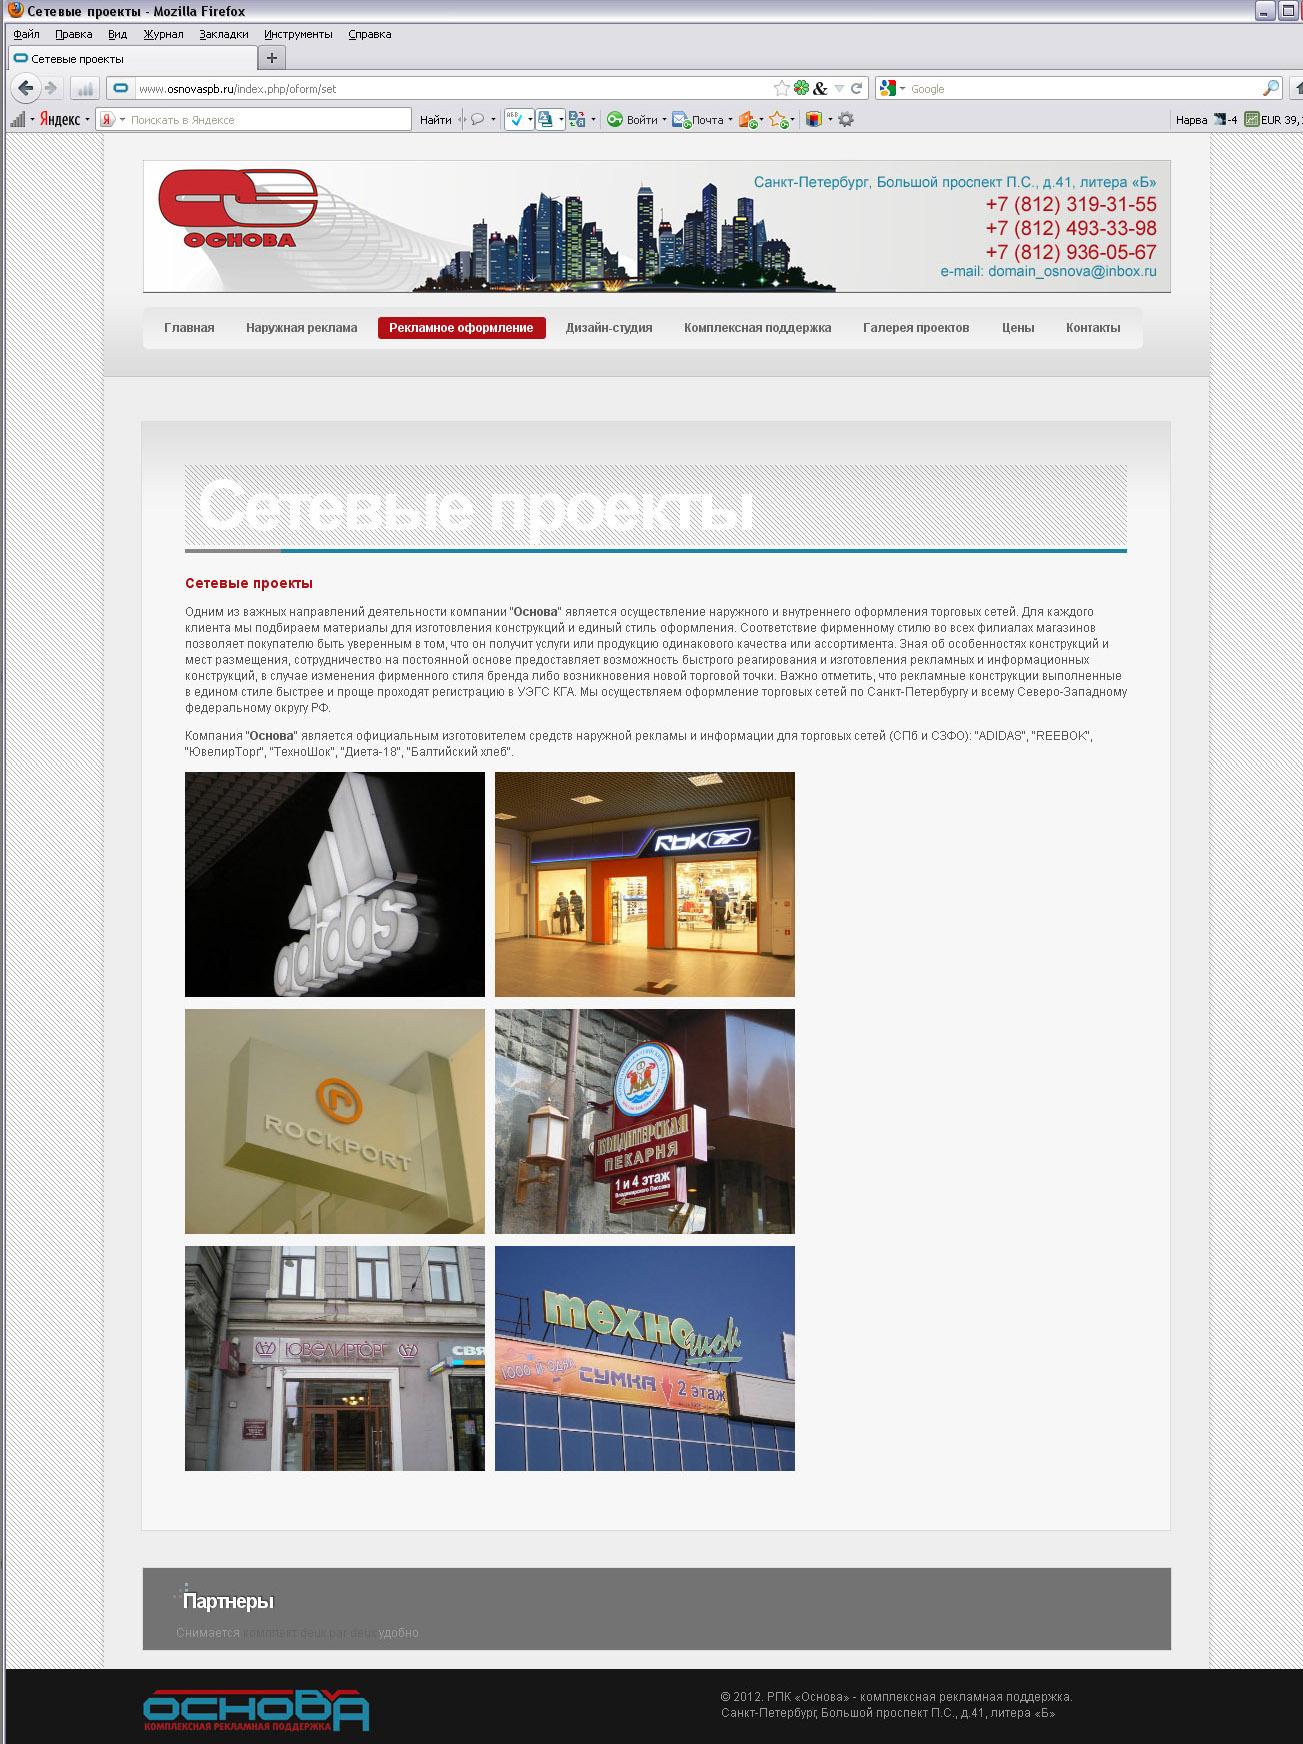 Скриншот страницы сайта РПК «Основа» «Сетевые проекты»